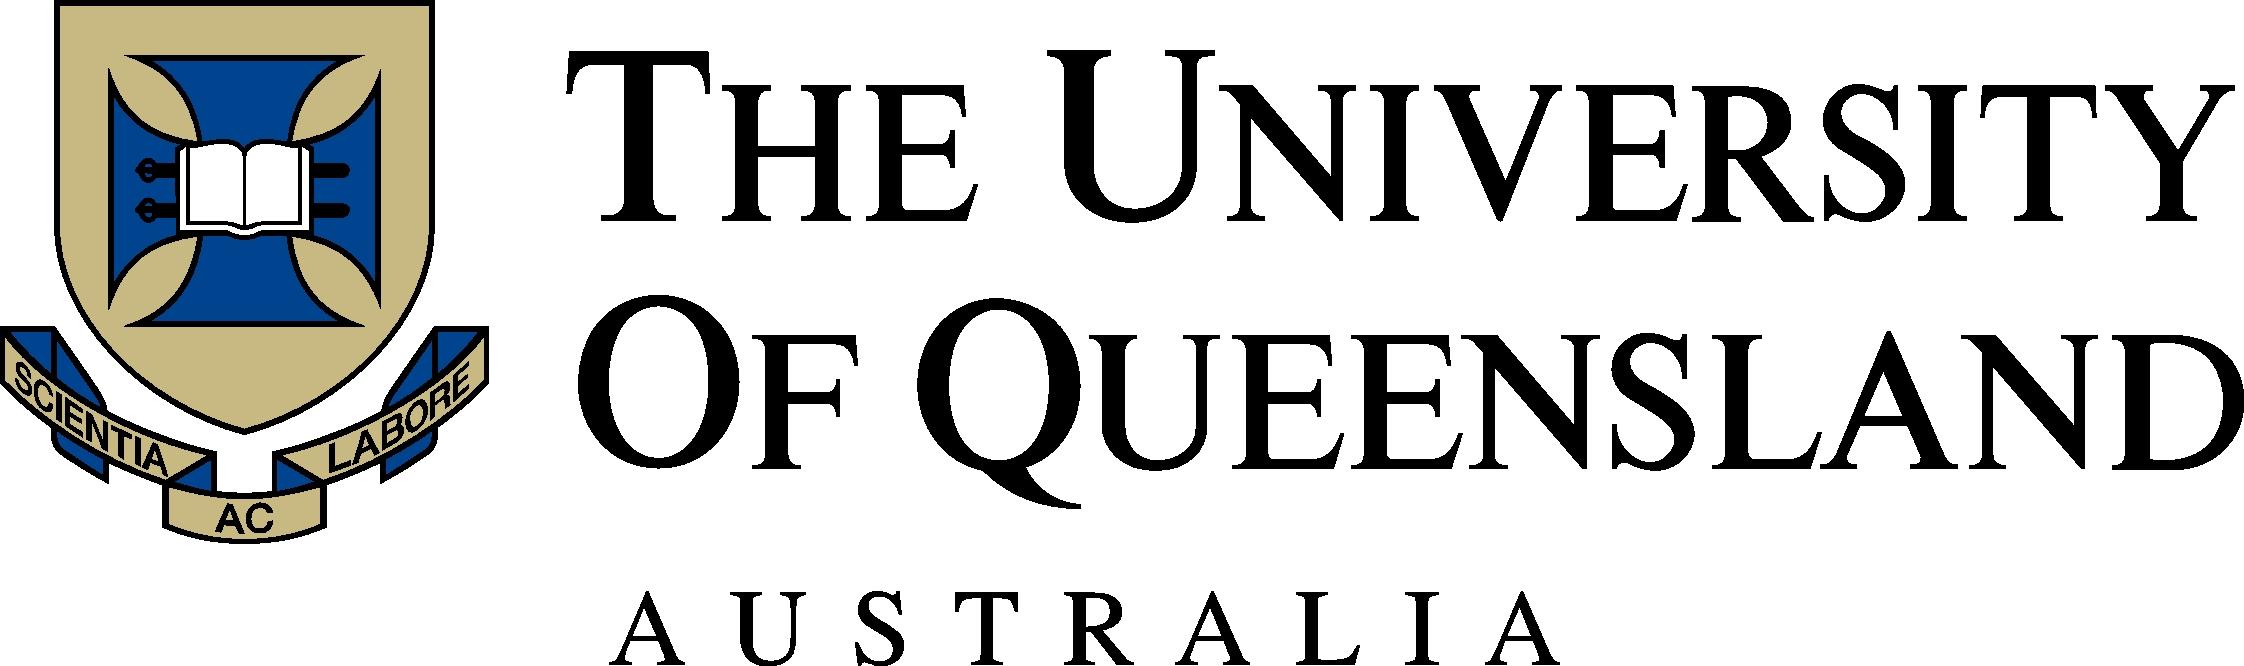 UQ_logo_text